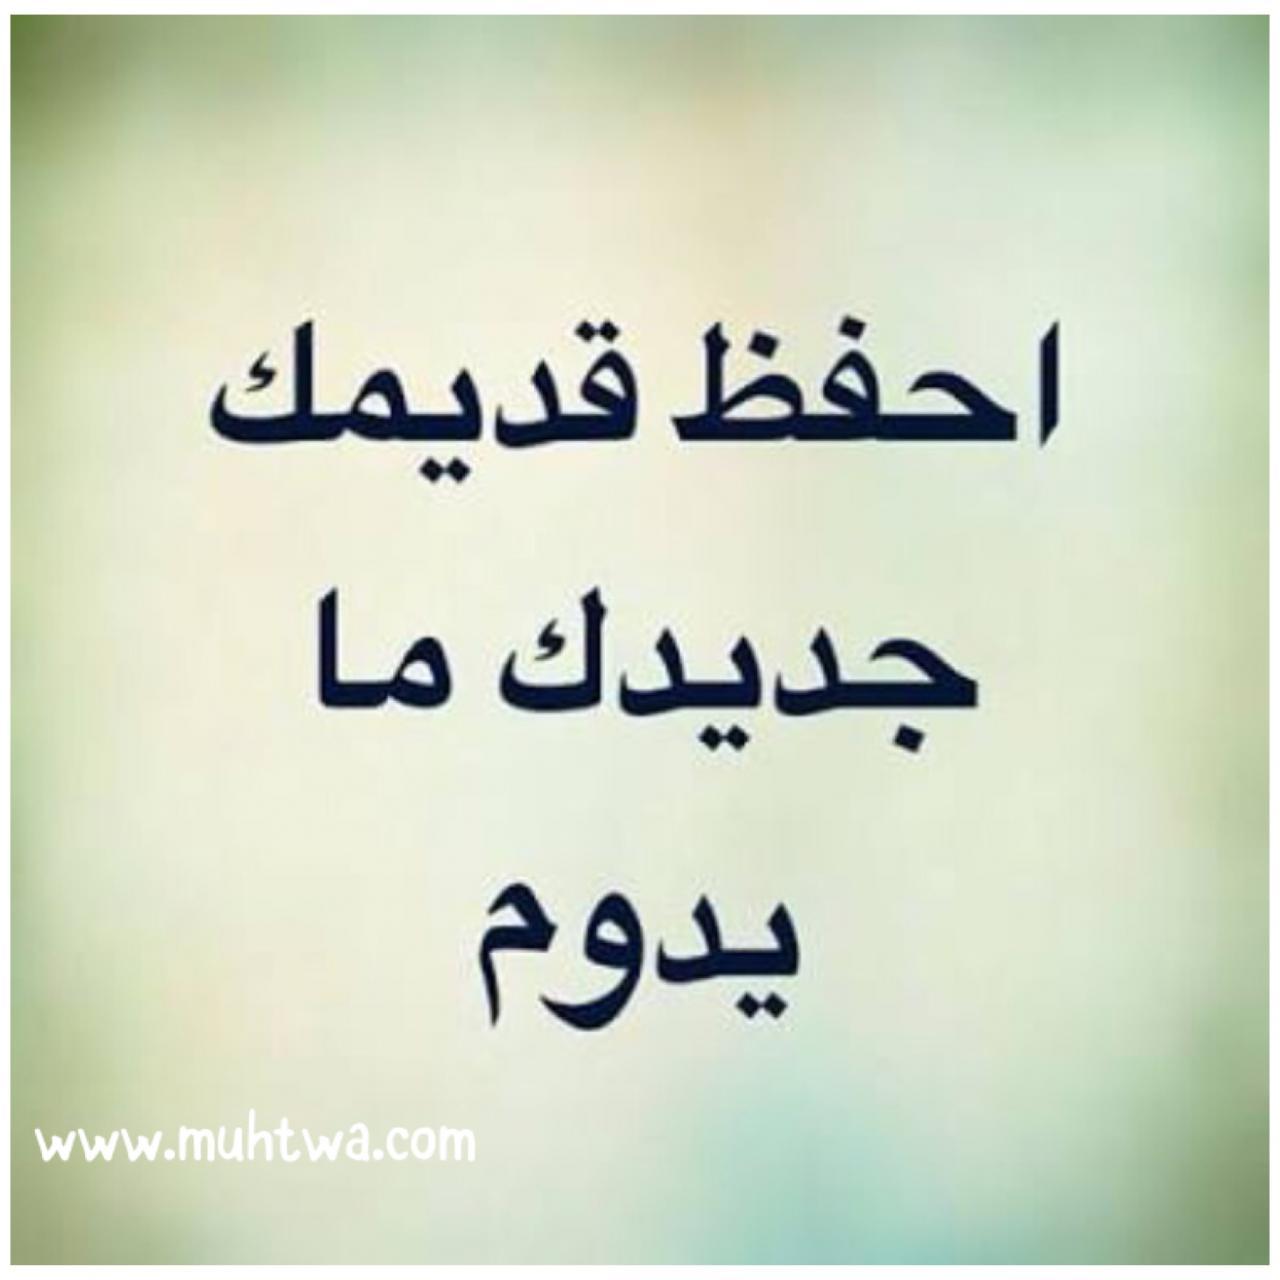 صورة امثال مصرية مضحكة , امثال شعبيه تضحك جدا